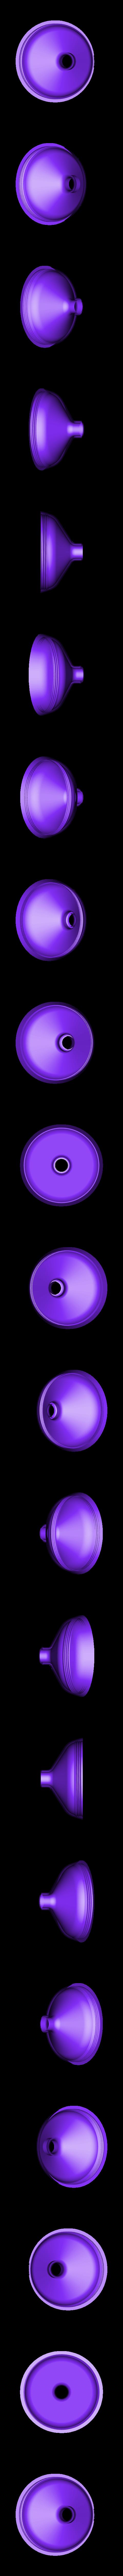 Bague-02.stl Download STL file Bi-Colour Suspension • 3D print object, ADL